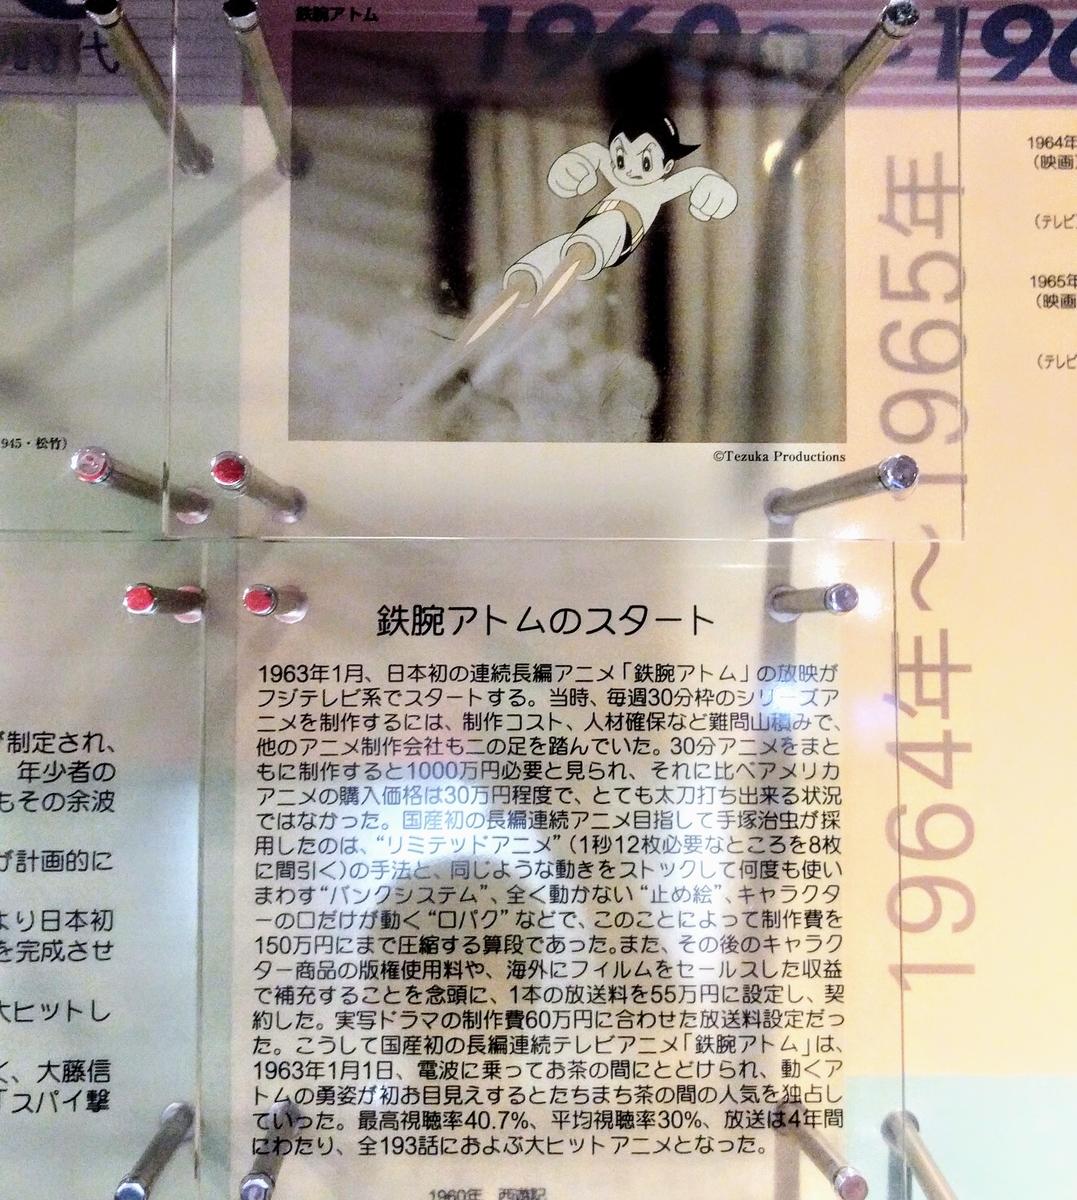 国産TVアニメ第1号『鉄腕アトム』